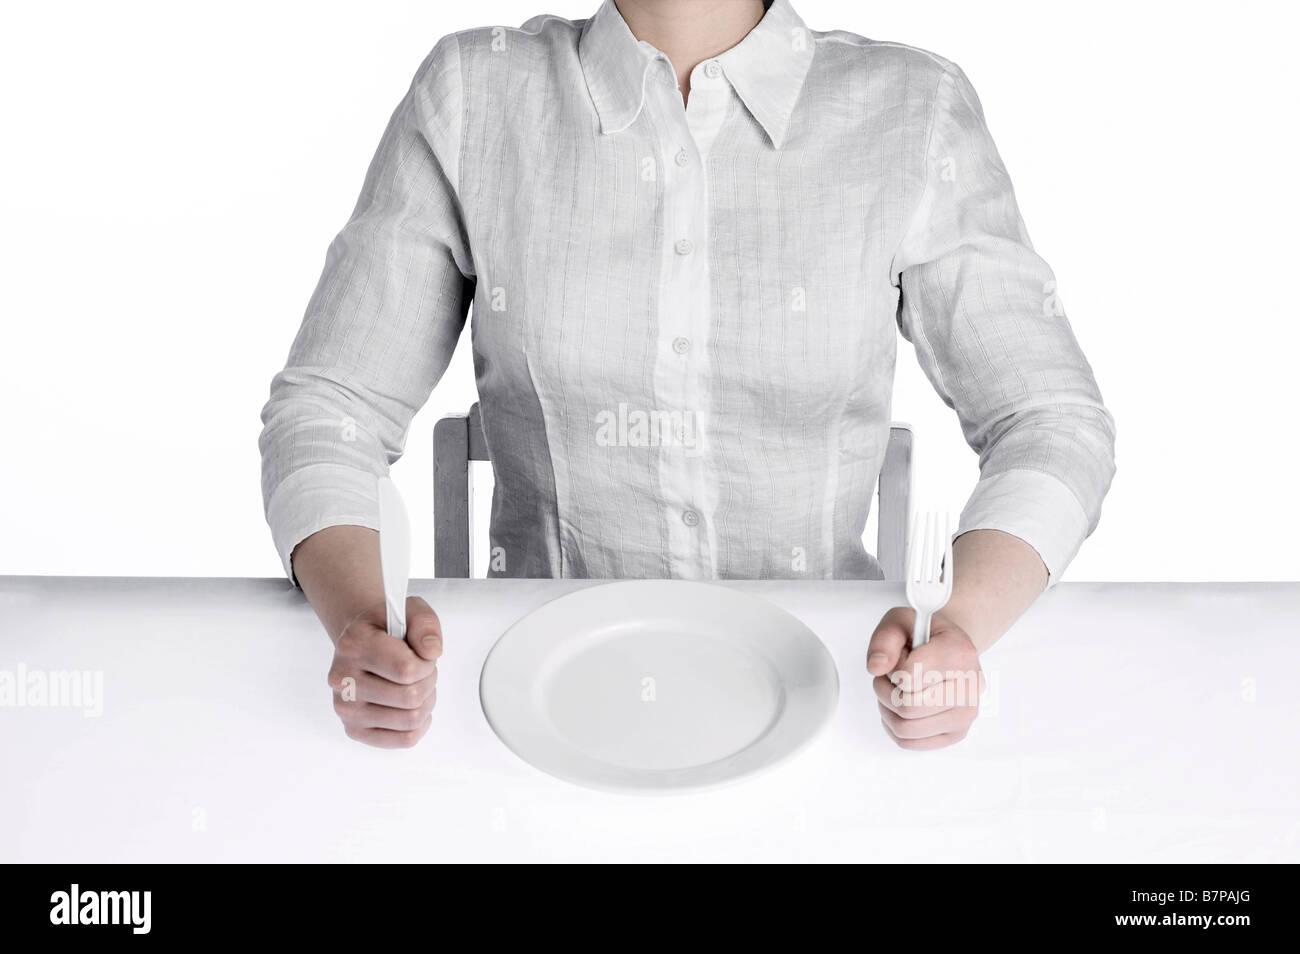 Las mujeres pedían alimentos, sentado en la mesa de comedor estériles Foto de stock